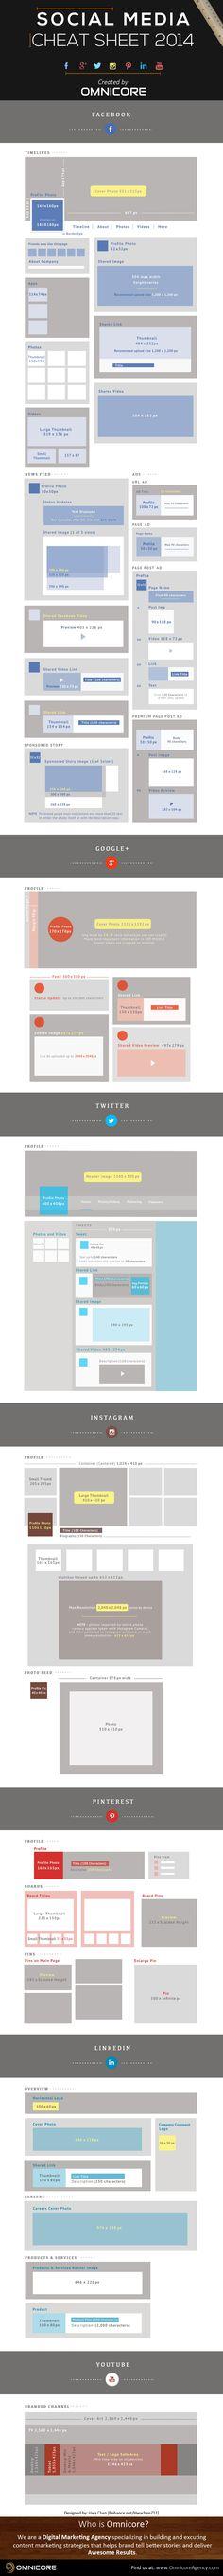 Social Media Spickzettel: Bildgrößen von sozialen Netzwerken in der 2014 Version Inbound Marketing, Marketing Digital, Marketing Trends, Facebook Marketing, Content Marketing, Internet Marketing, Marketing Plan, Affiliate Marketing, Online Marketing